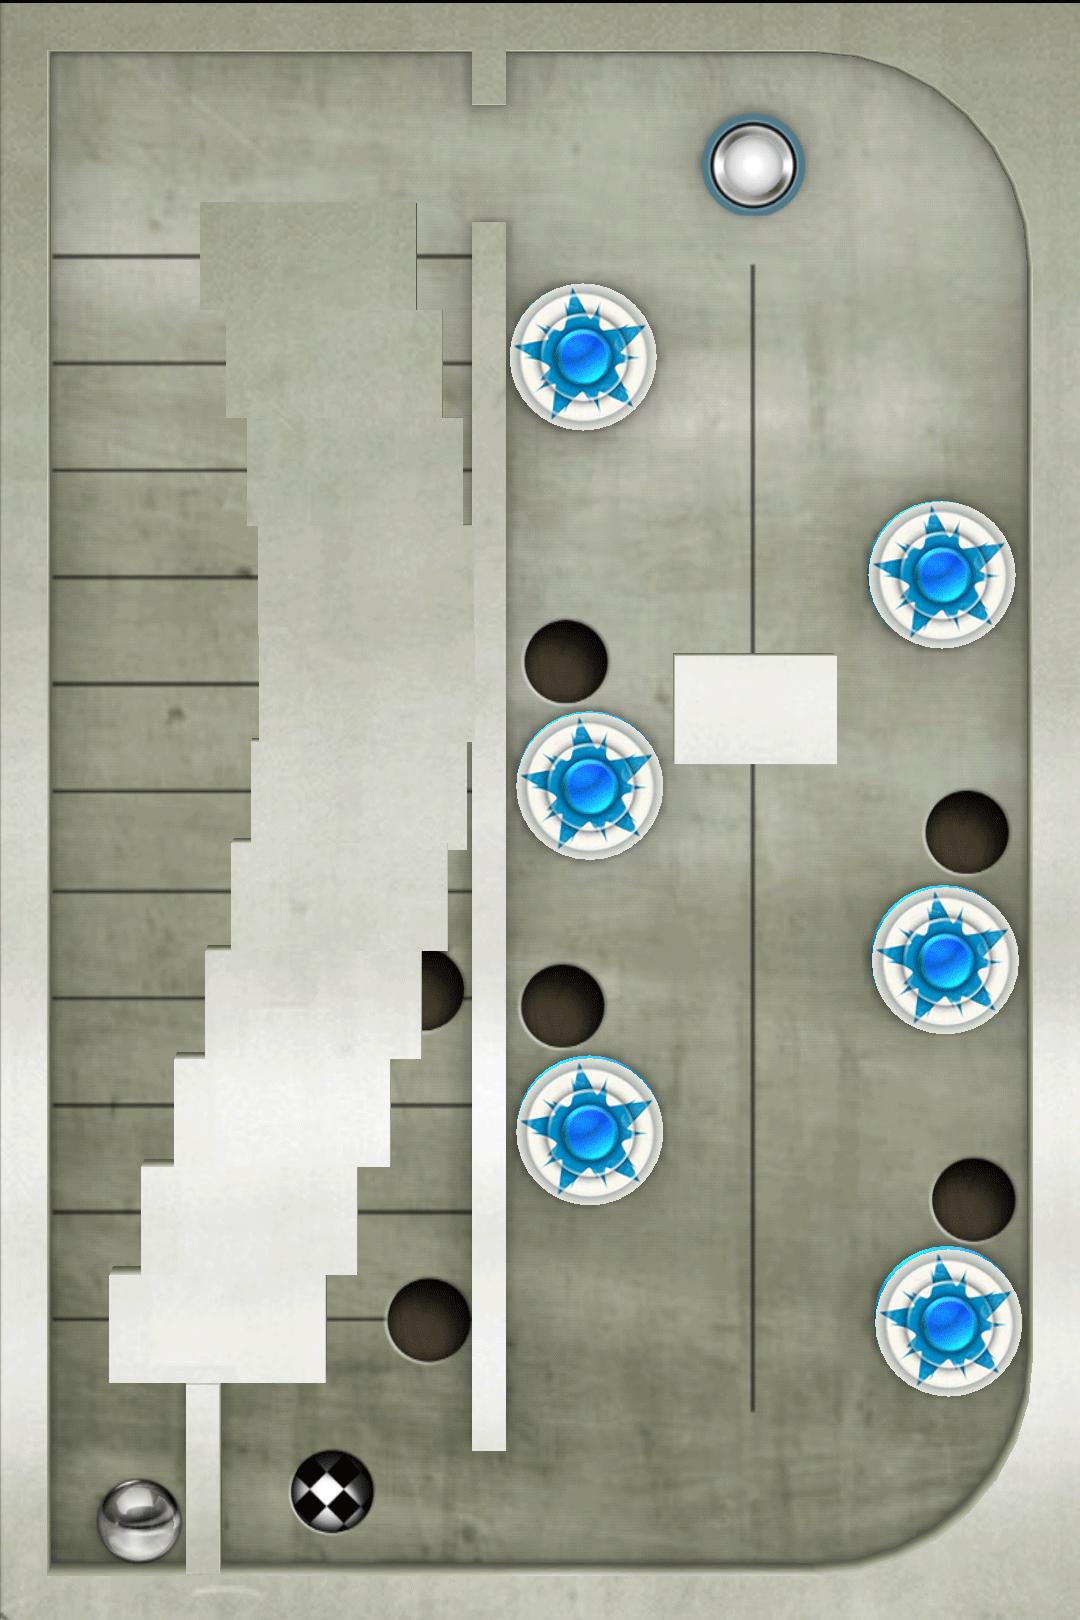 Labyrinth 3D Maze - cкачать на телефон бесплатно ...